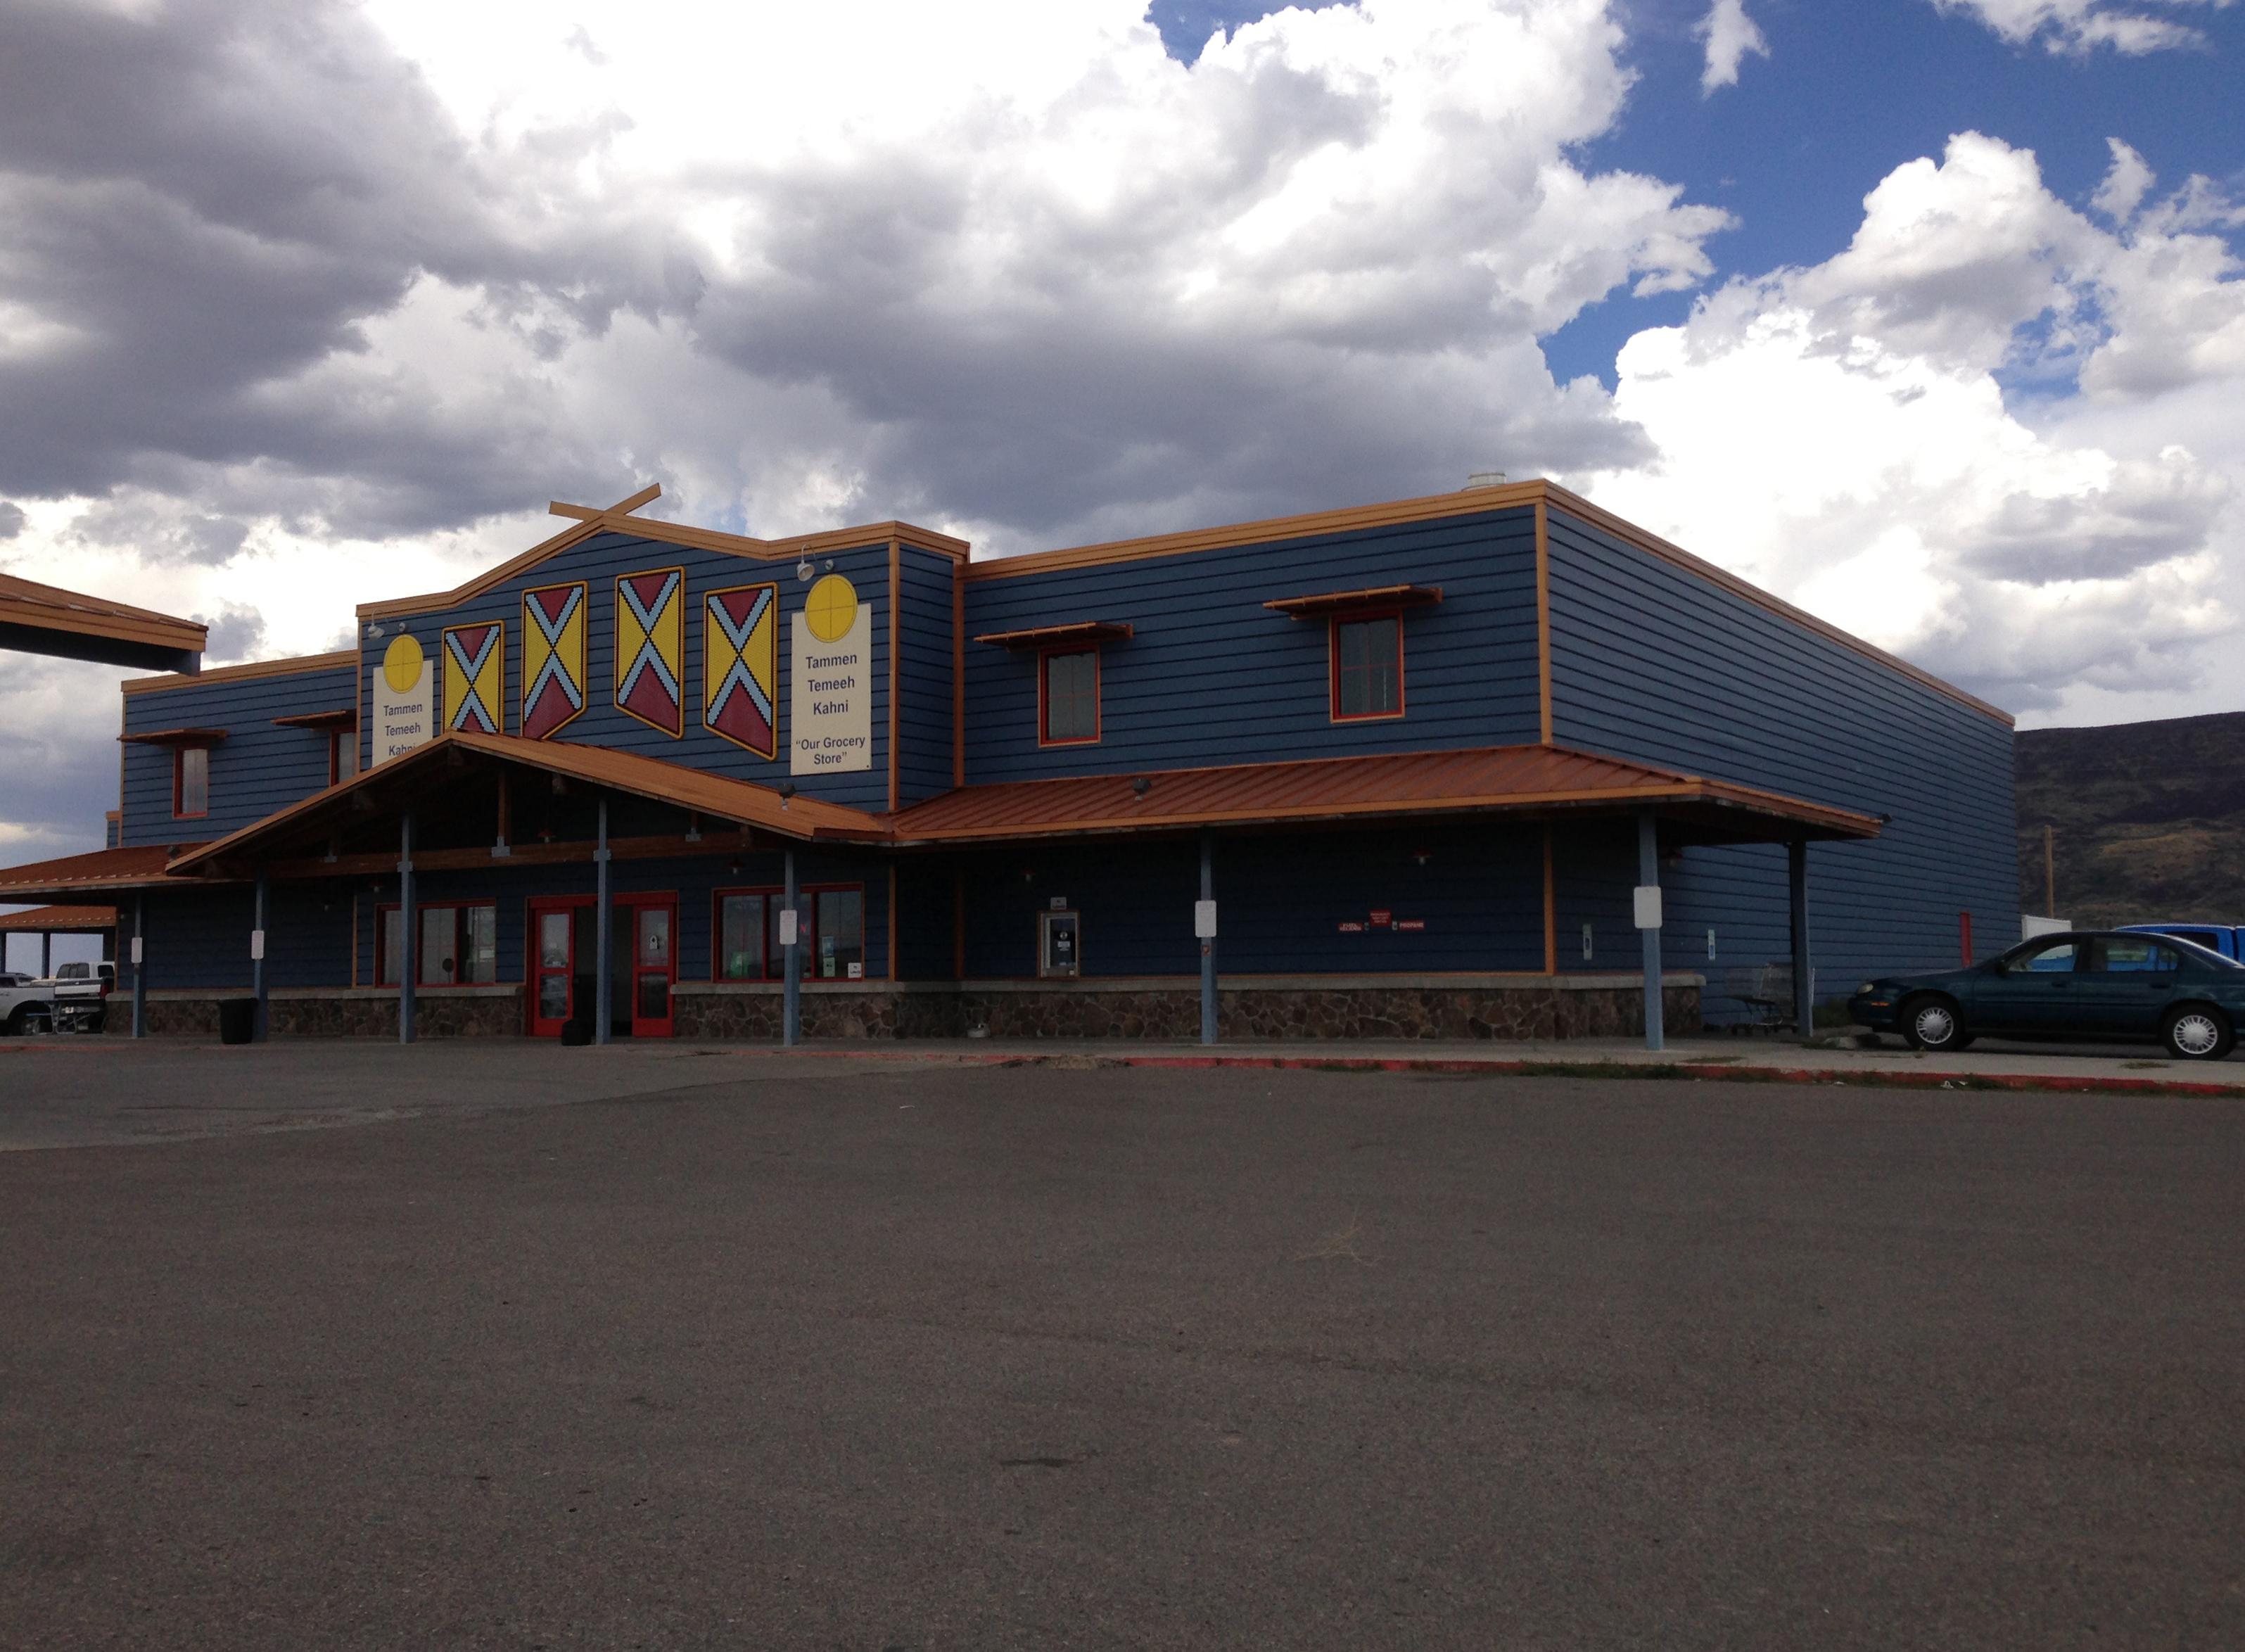 File:2014-08-19 14 31 59 Grocery store in Owyhee, Nevada ...